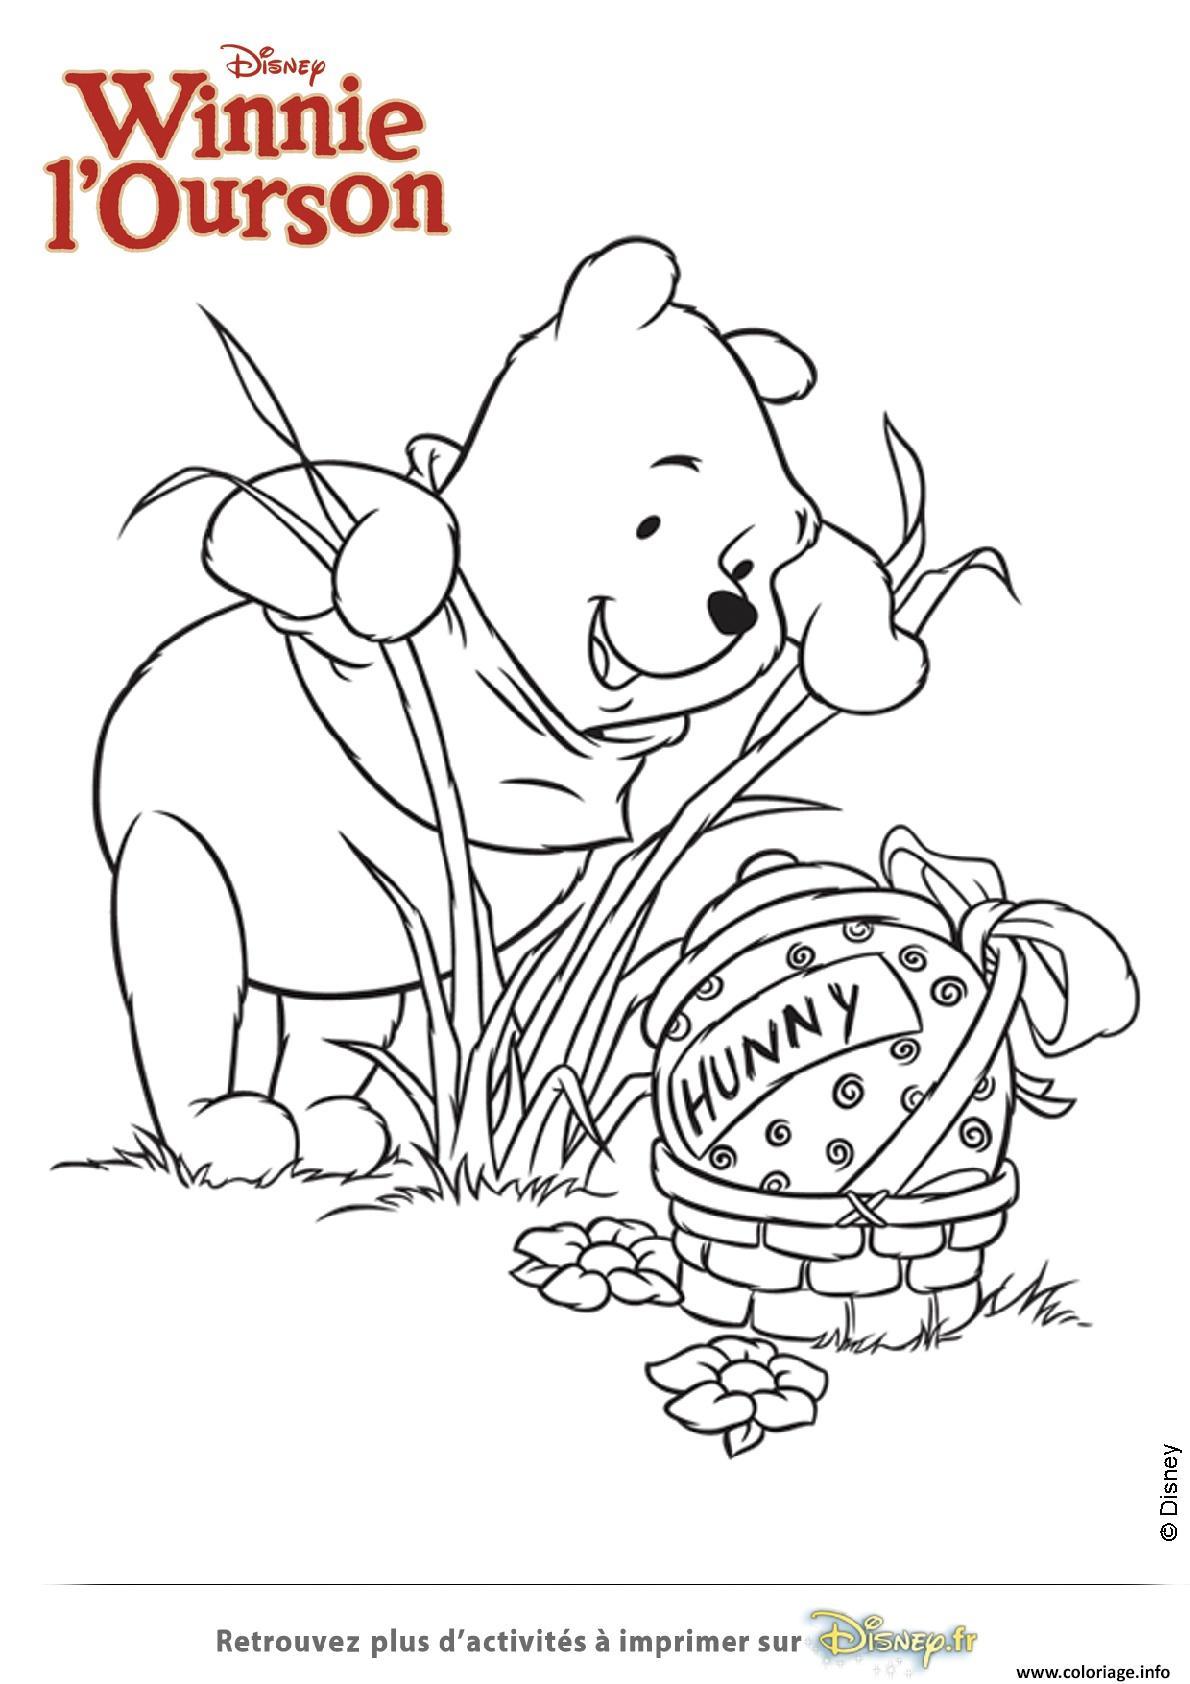 Coloriage winnie ourson trouve un gros oeuf dessin - Winnie dessin ...